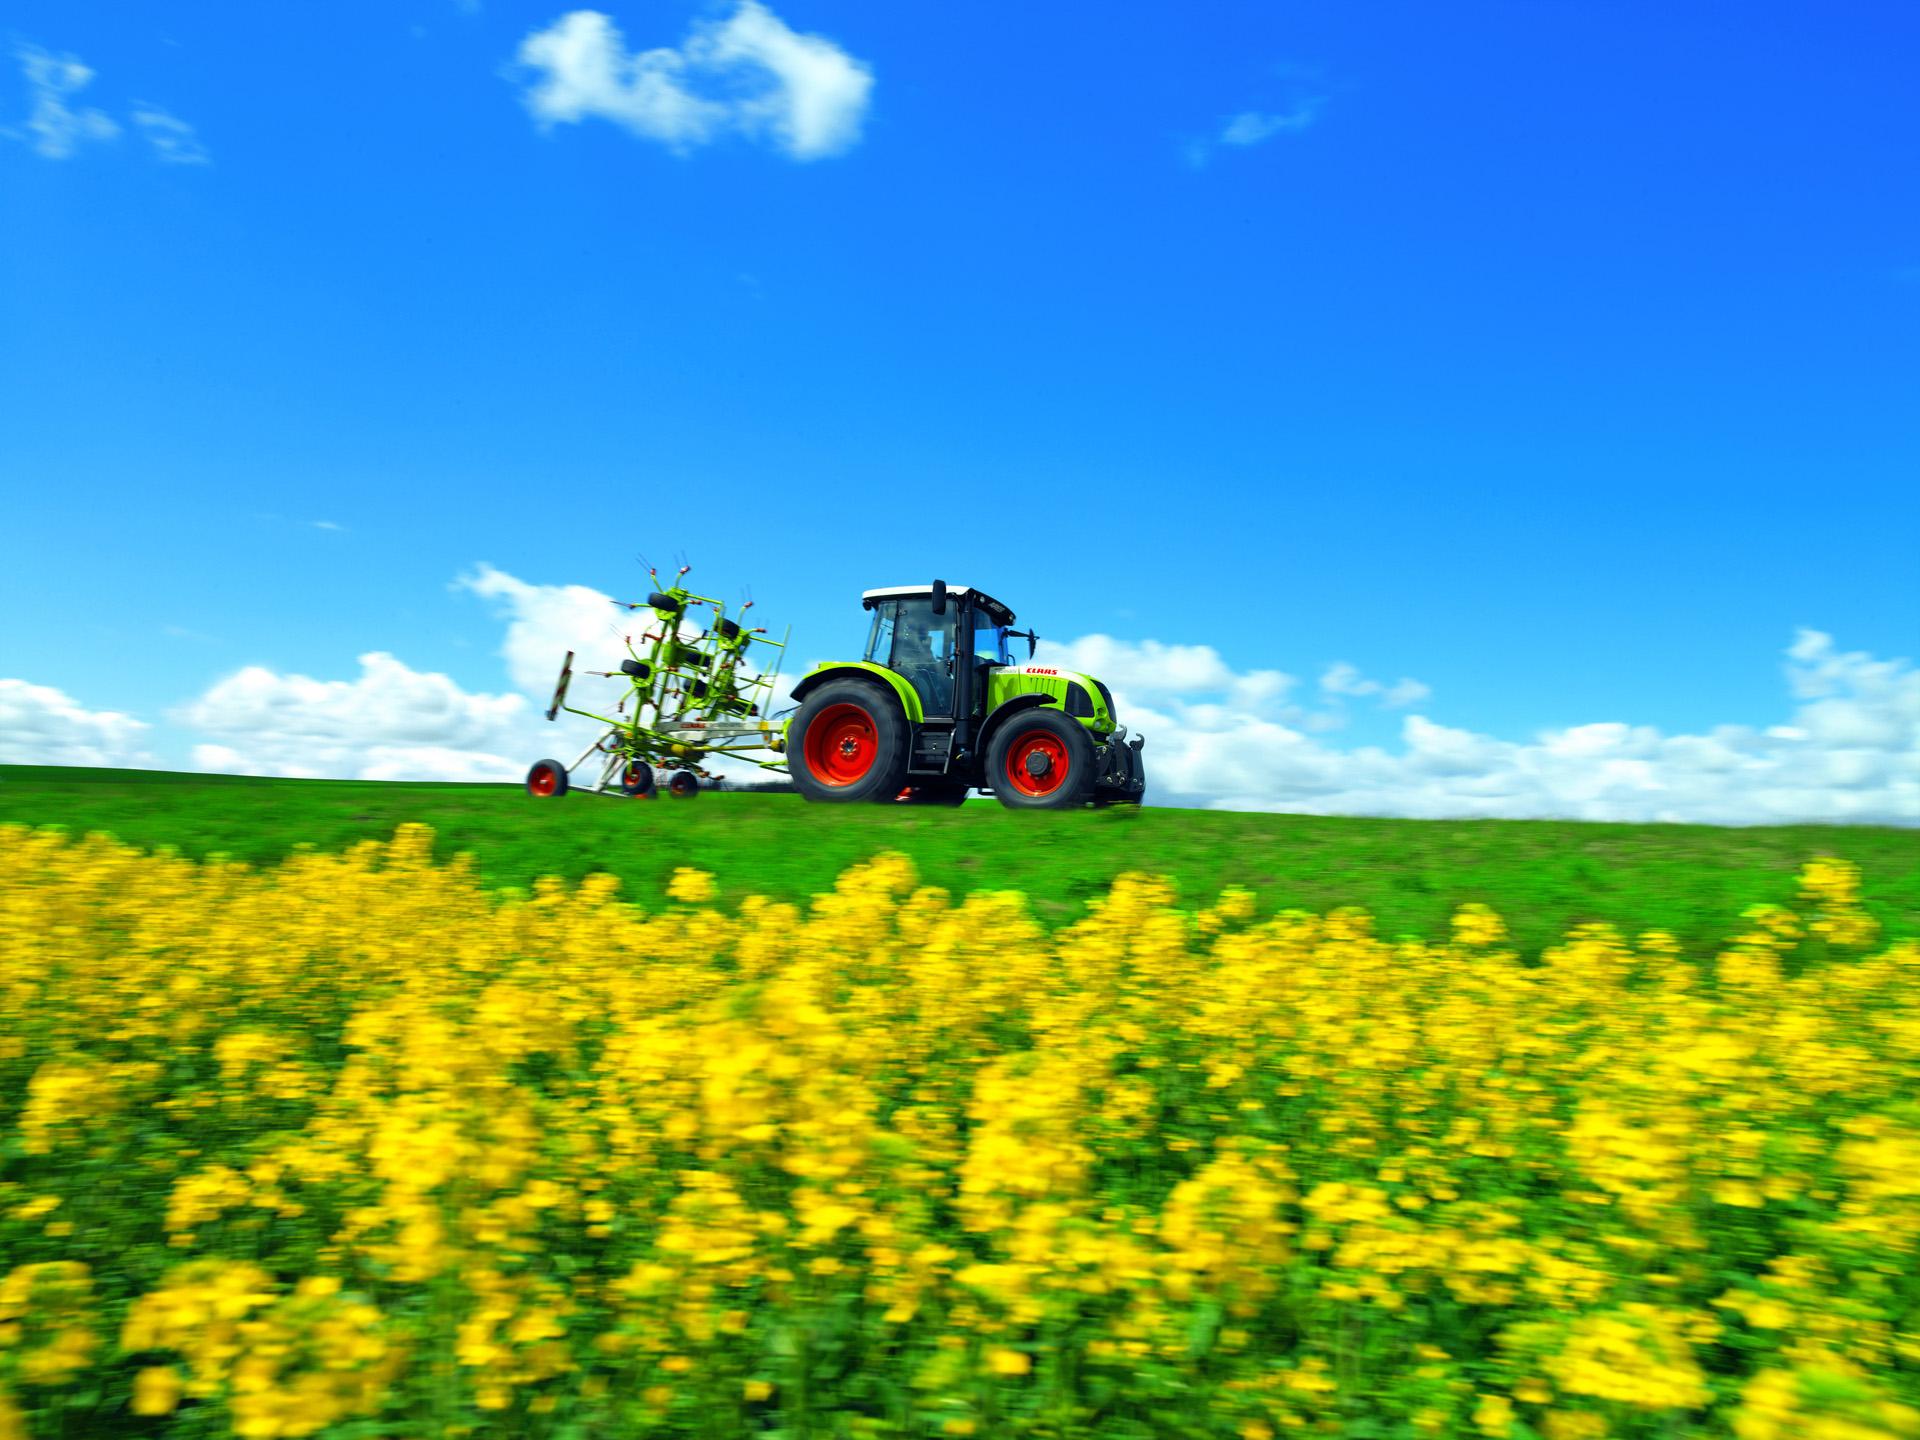 бывают красивые картинки к дню сельского хозяйства люди используют высушенные